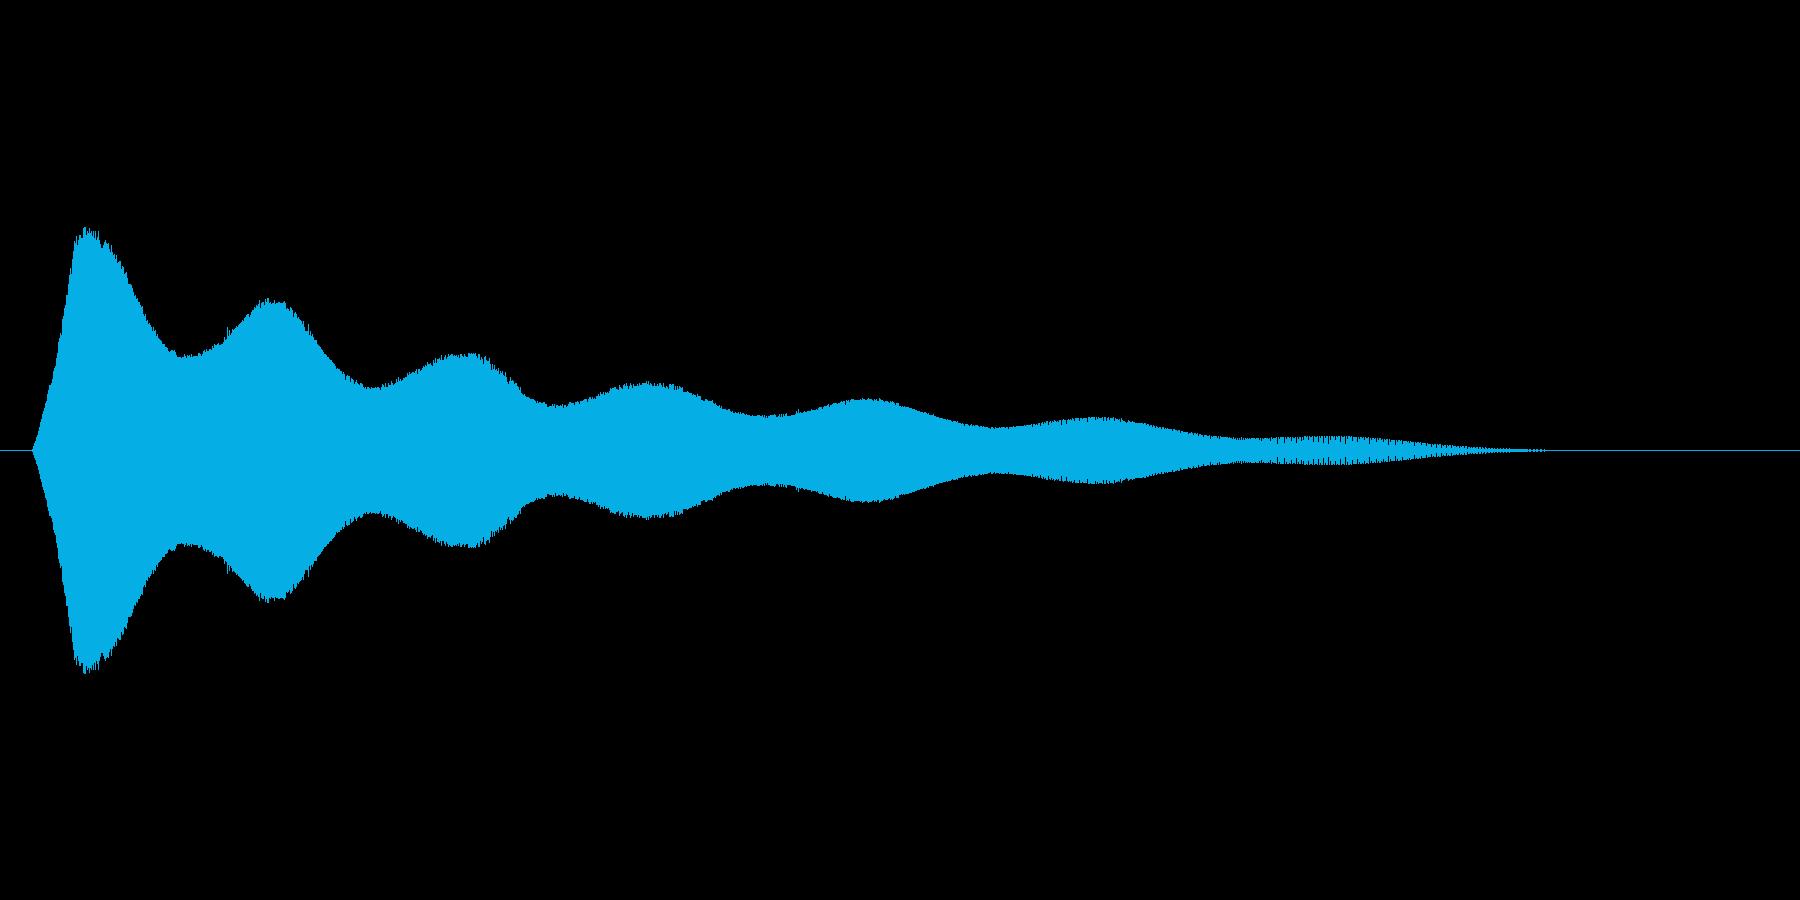 8bitのふにょふにょふにょ↓の再生済みの波形